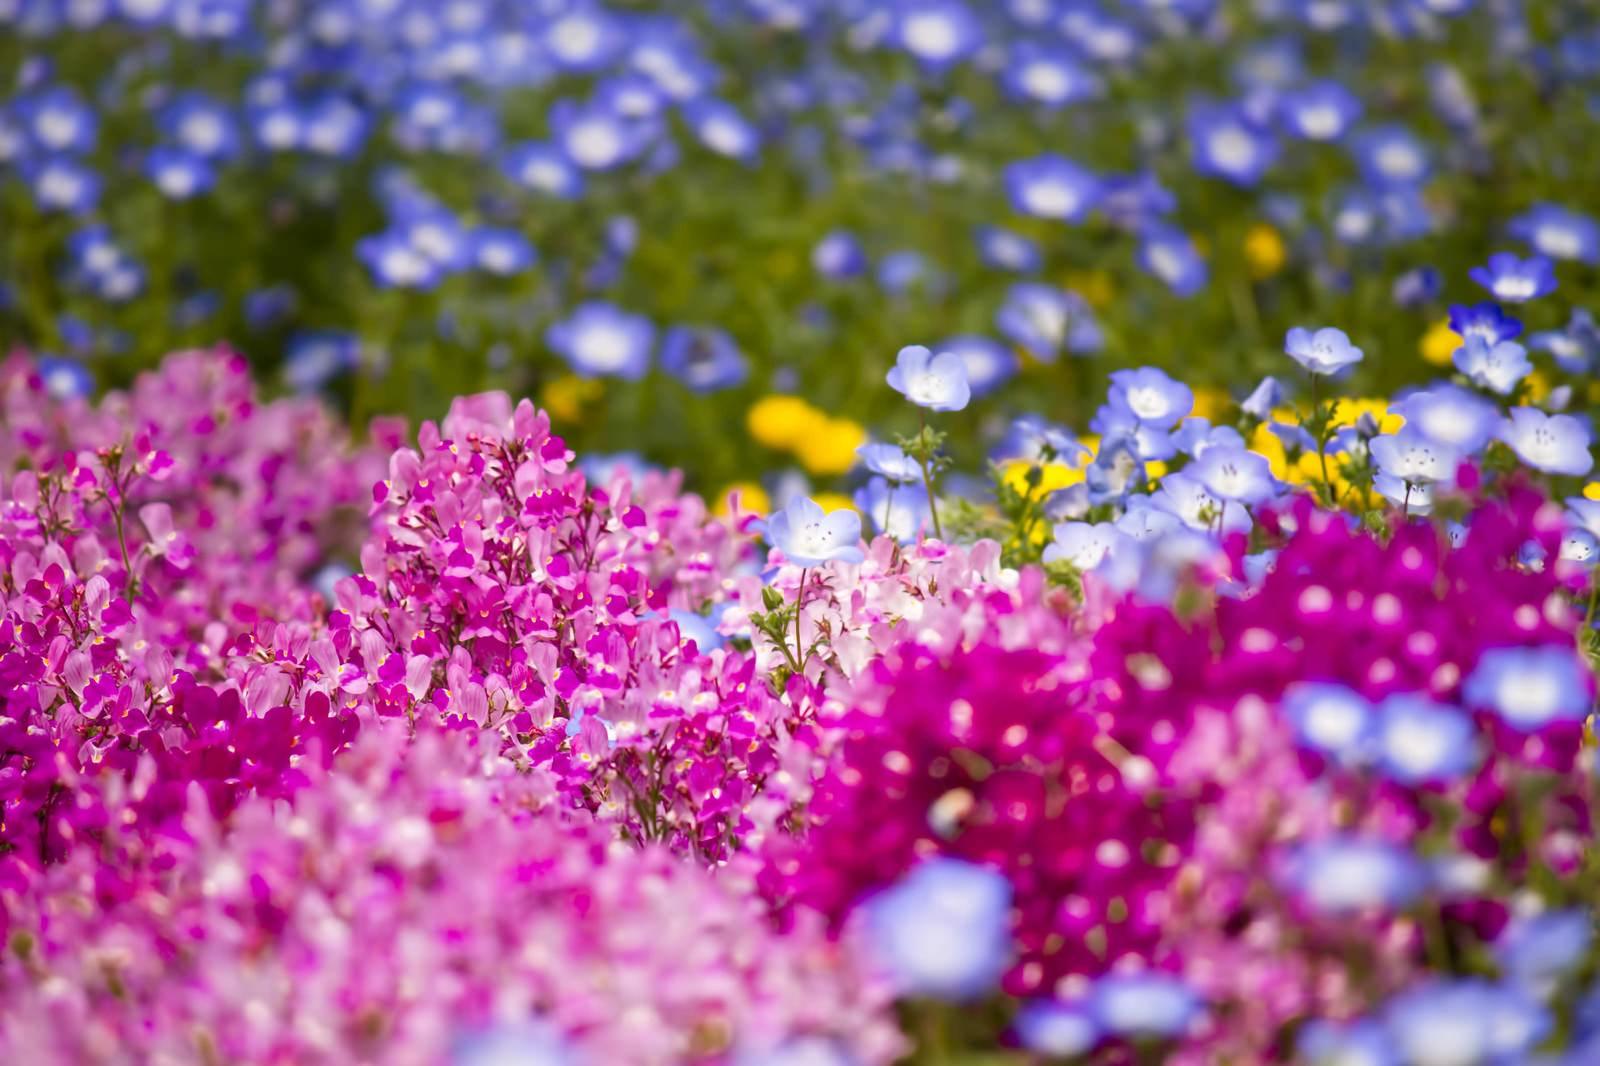 「山下公園の花壇」の写真